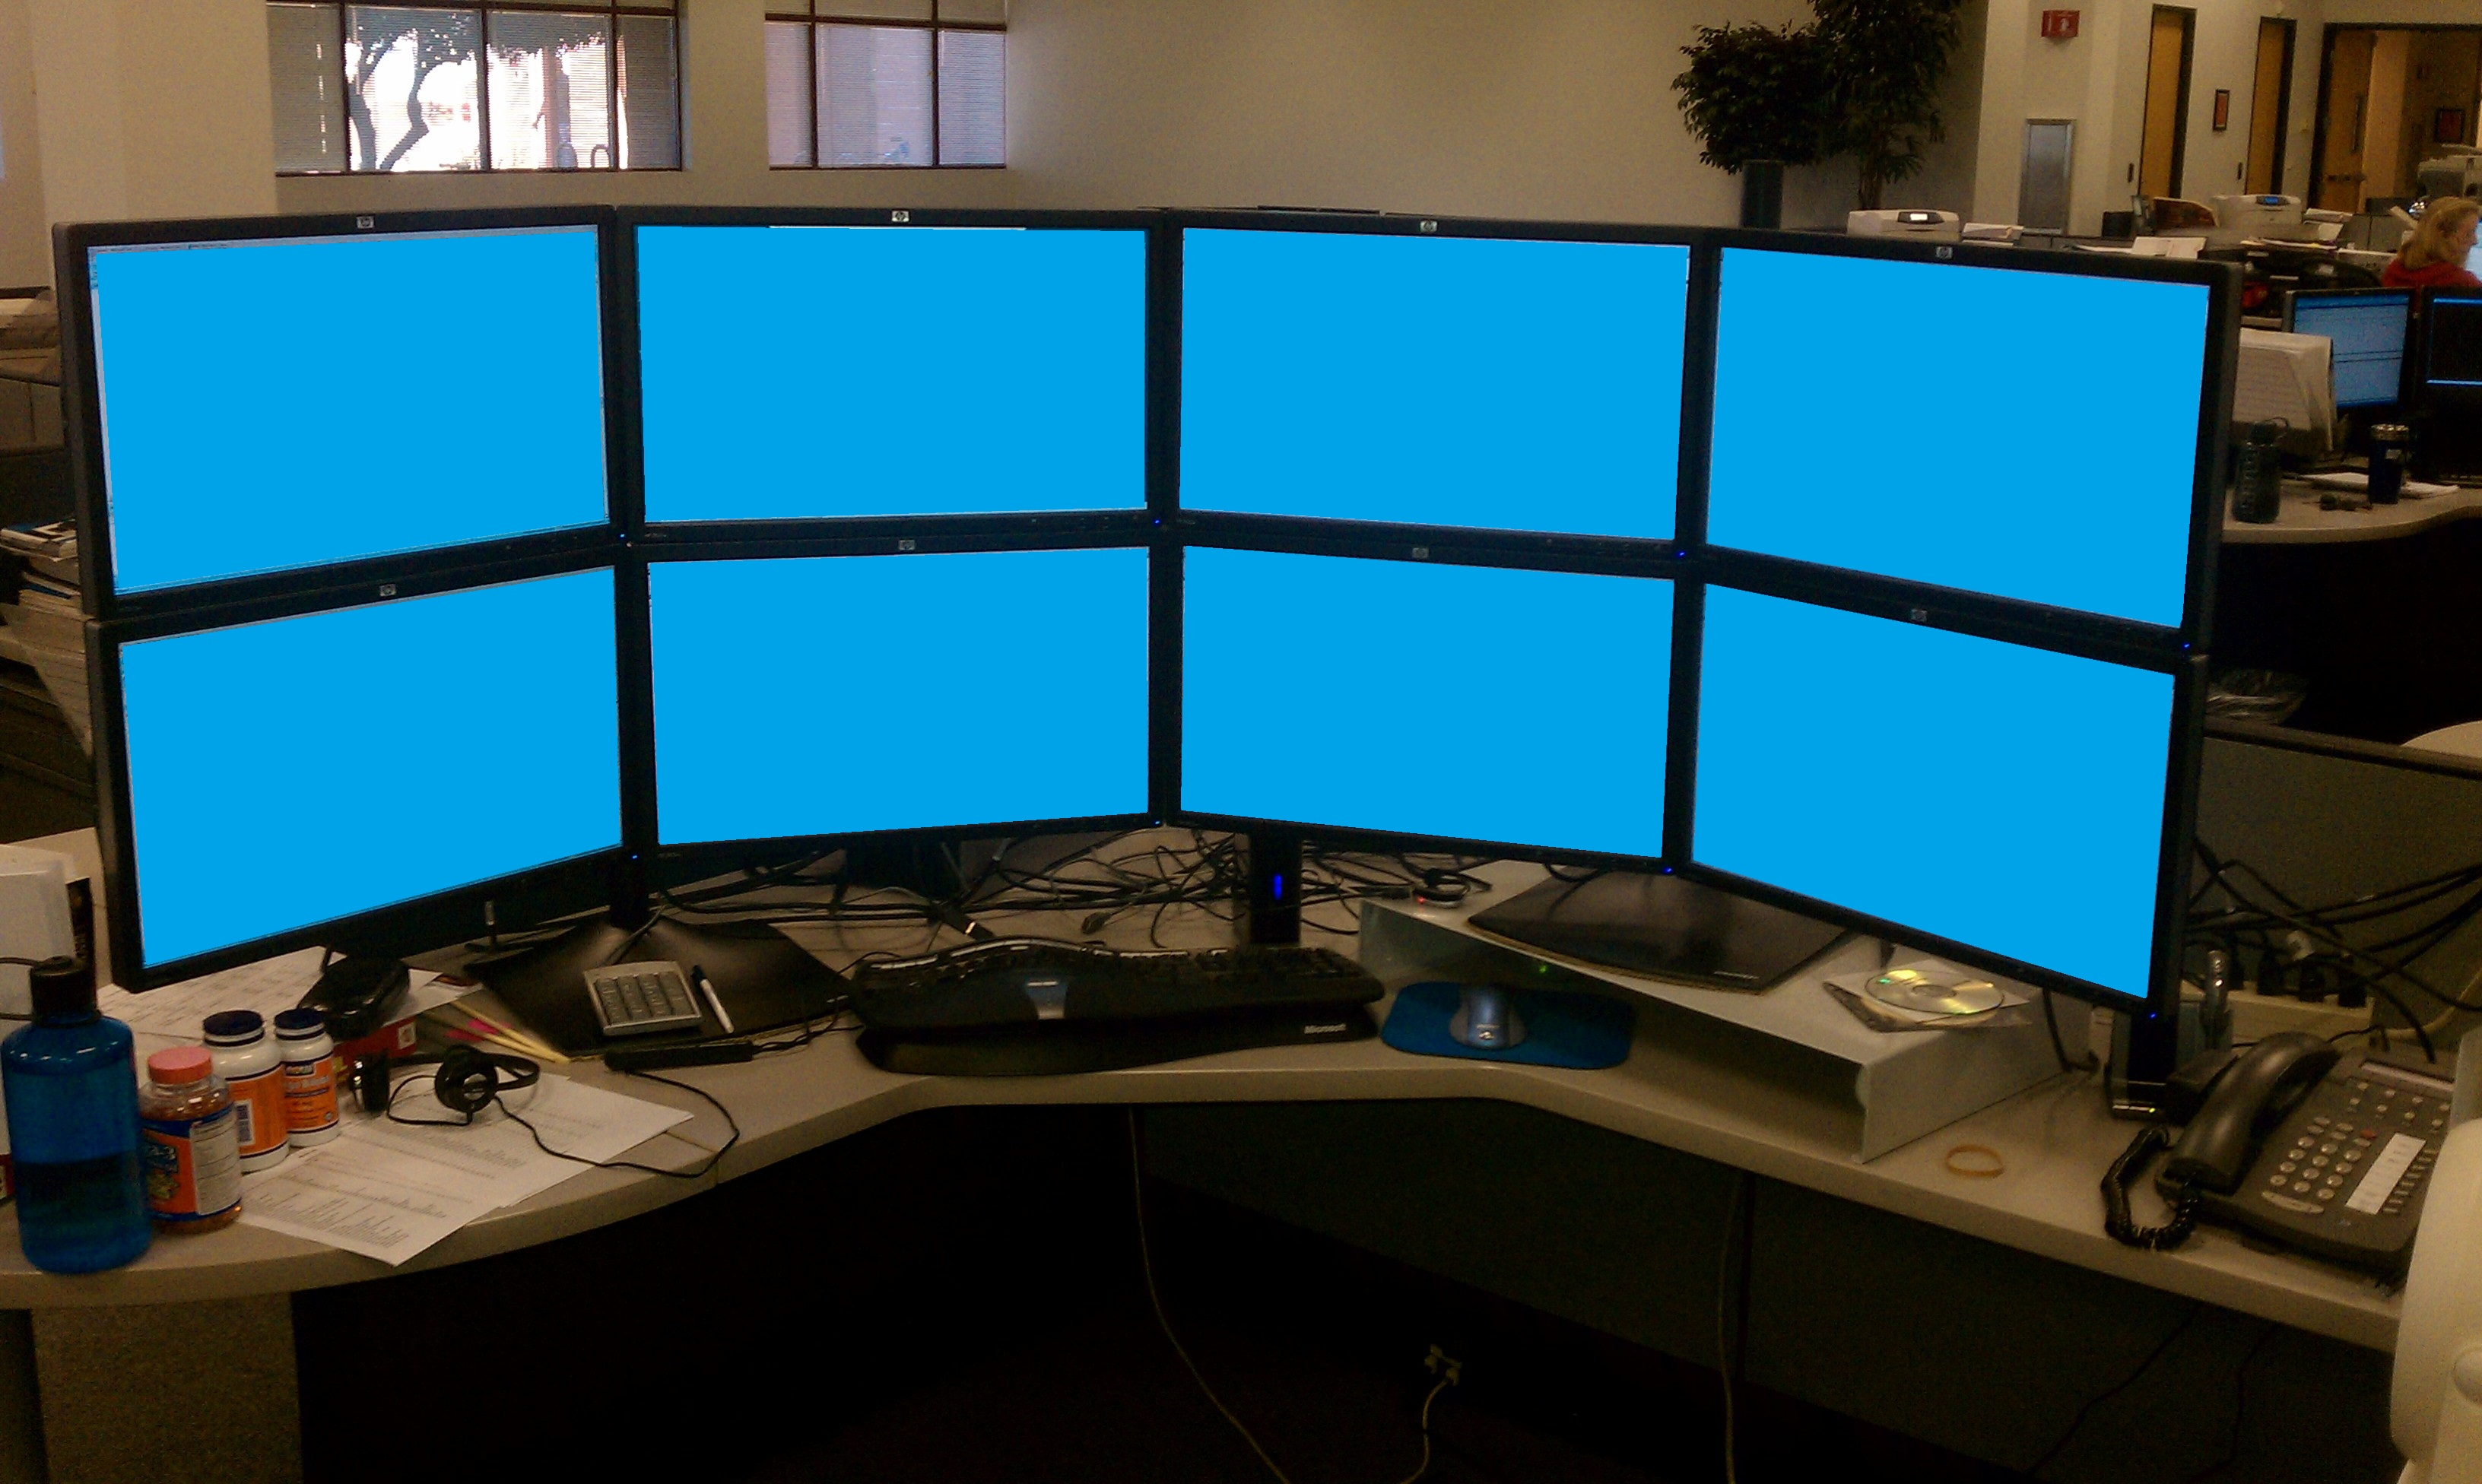 Single Vs Multi Monitor Bob Martens